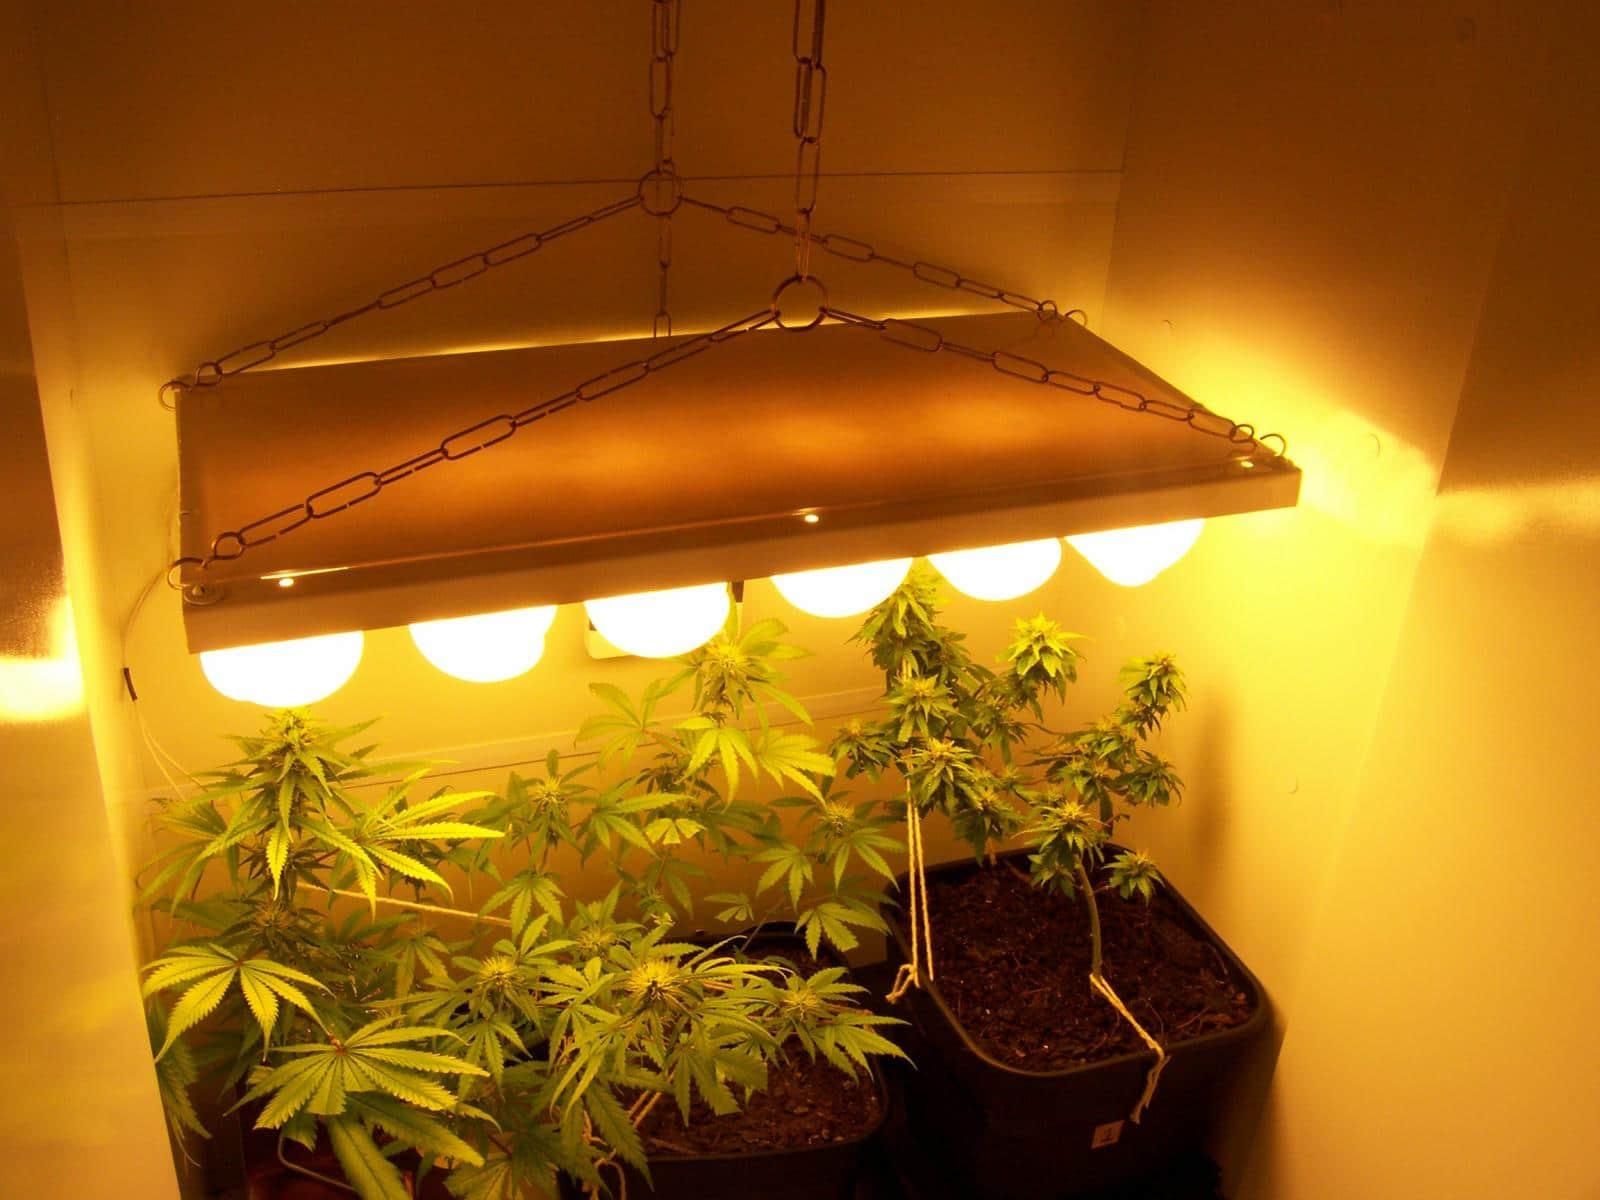 Pequeno cultivo bem iluminado